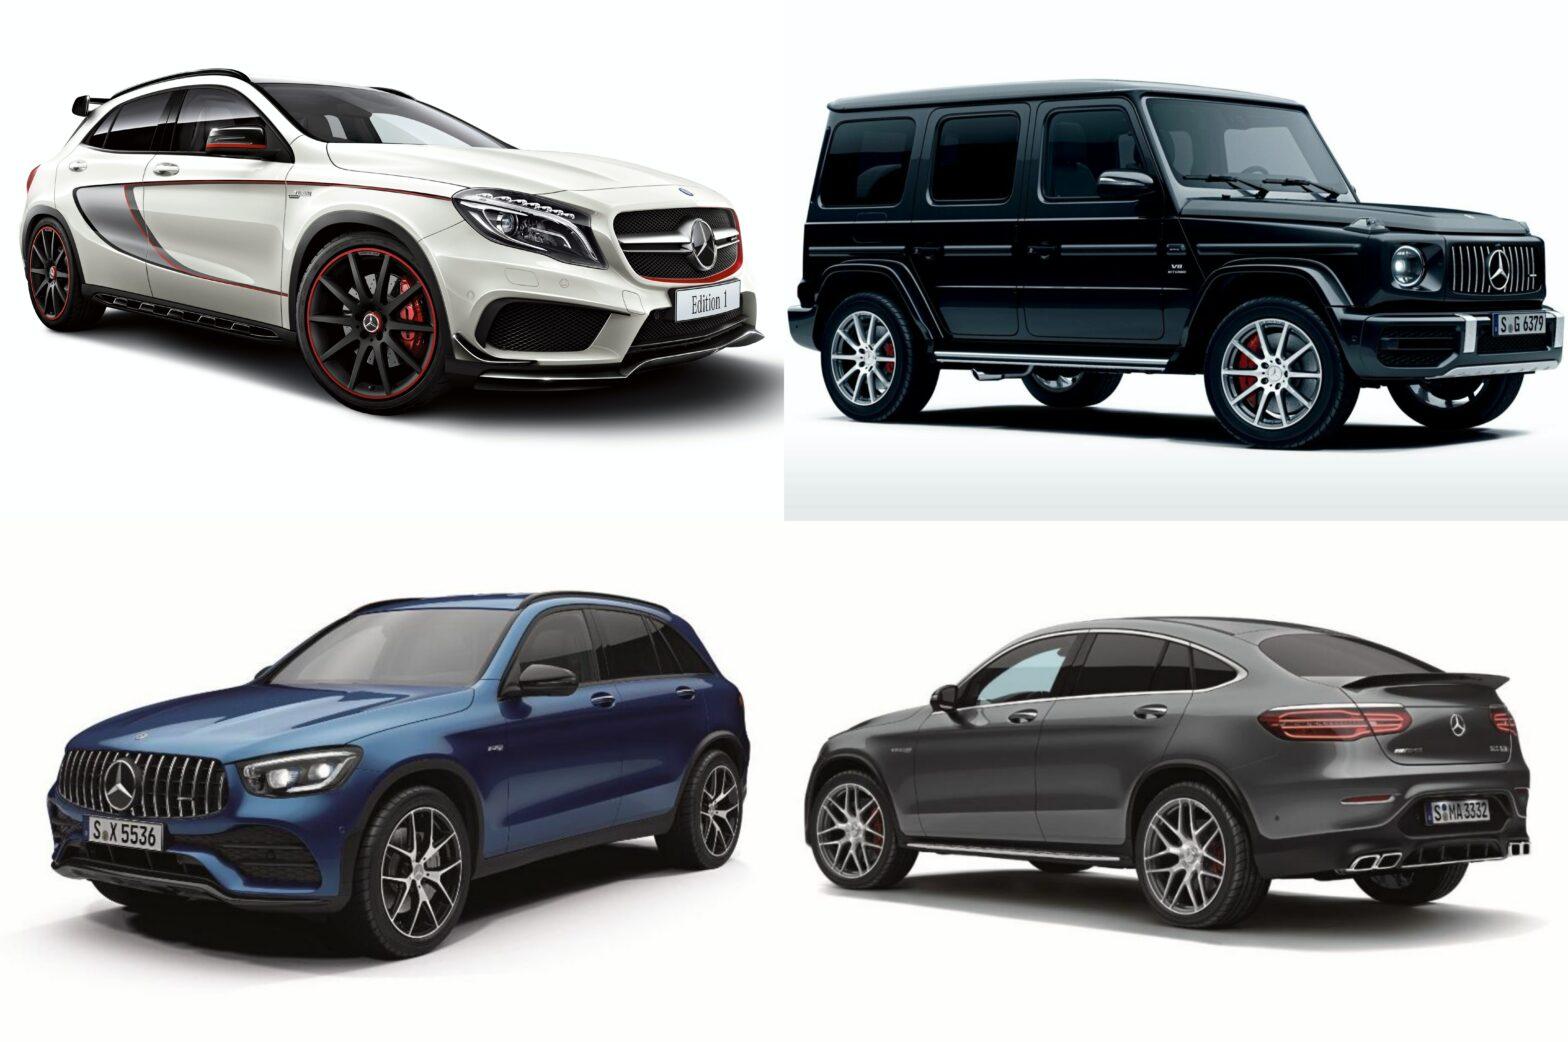 【メルセデス・ベンツのSUV】新車全19車種一覧比較&口コミ評価 2020年4月最新情報